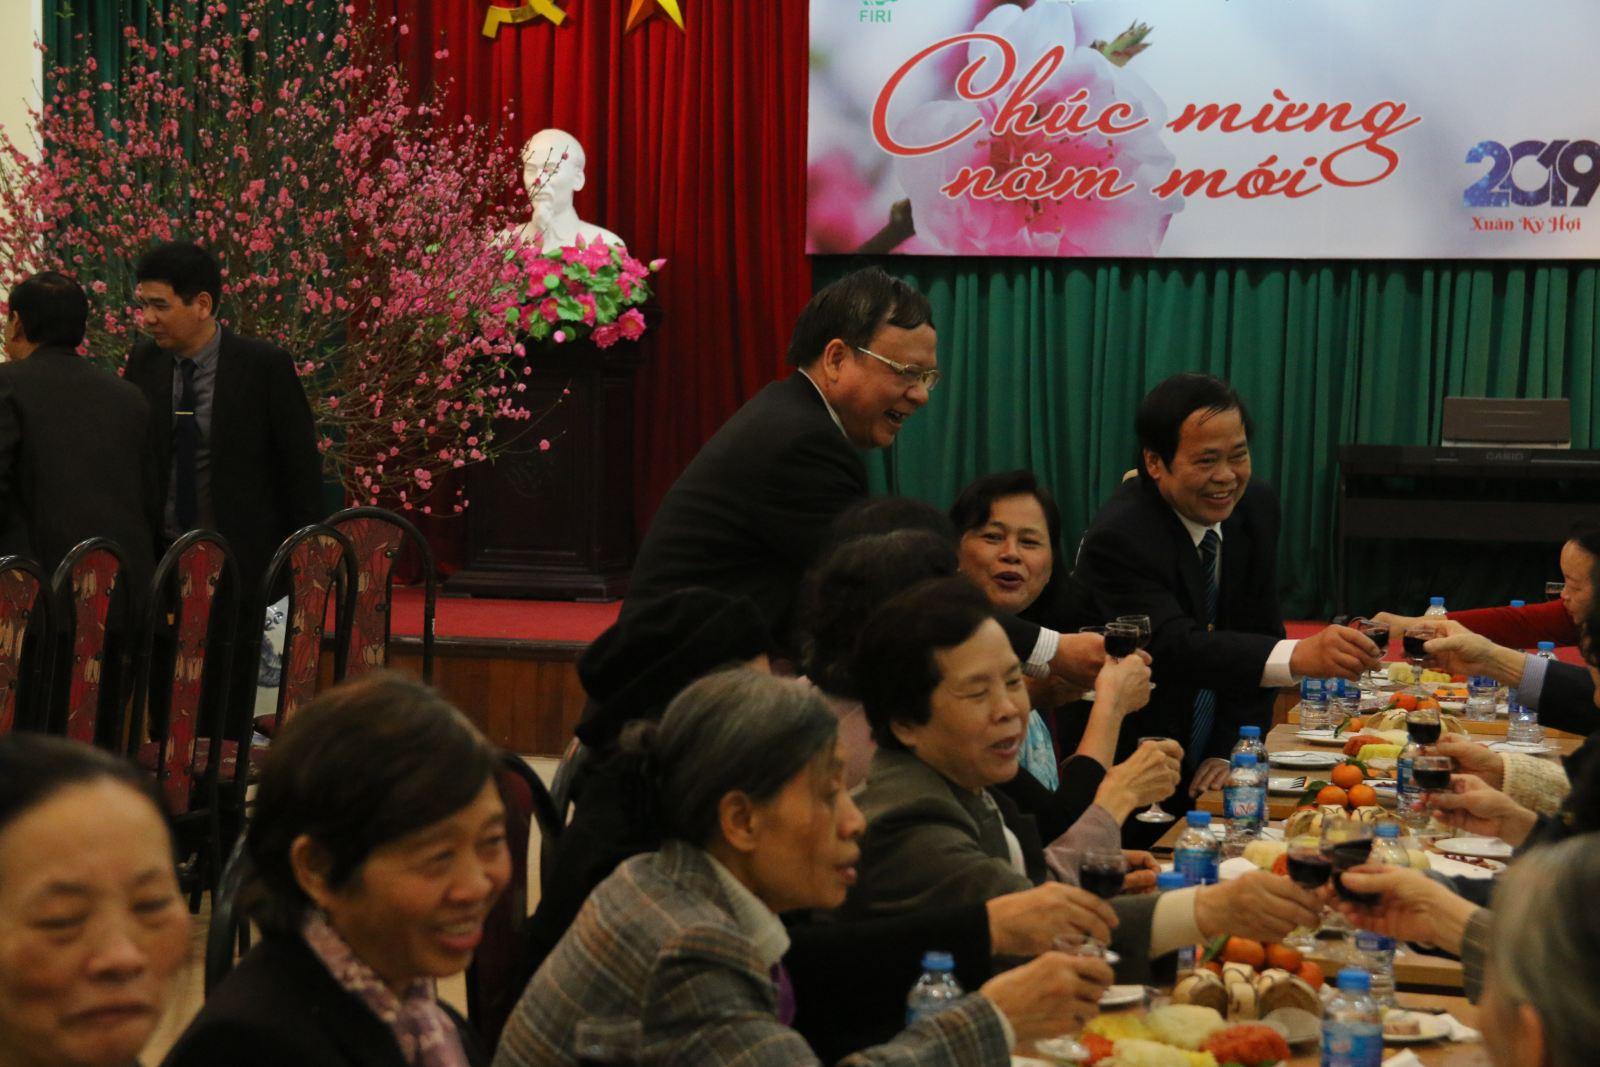 Lãnh đạo Viện cùng toàn thế các cán bộ hưu trí cùng nâng cốc chúc mừng năm mới